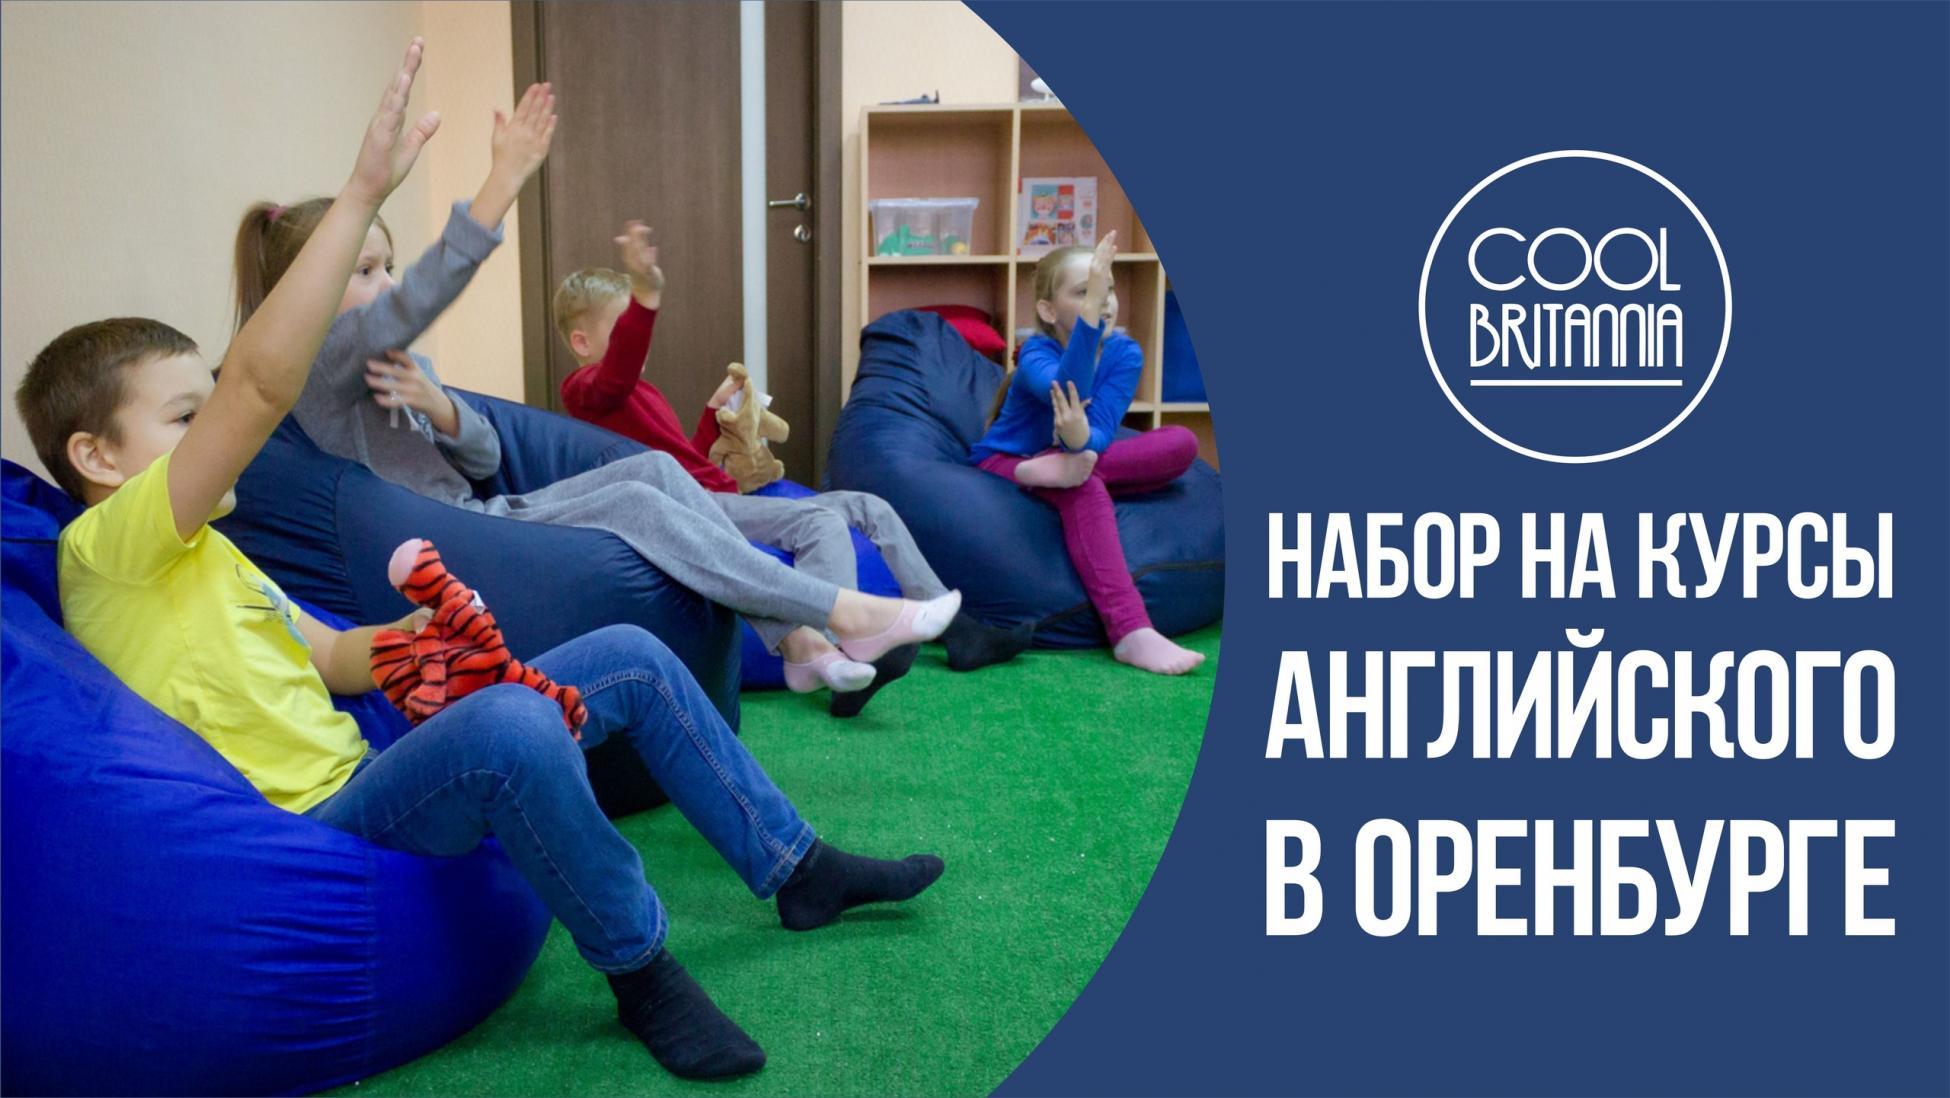 Английский для детей и взрослых в Оренбурге